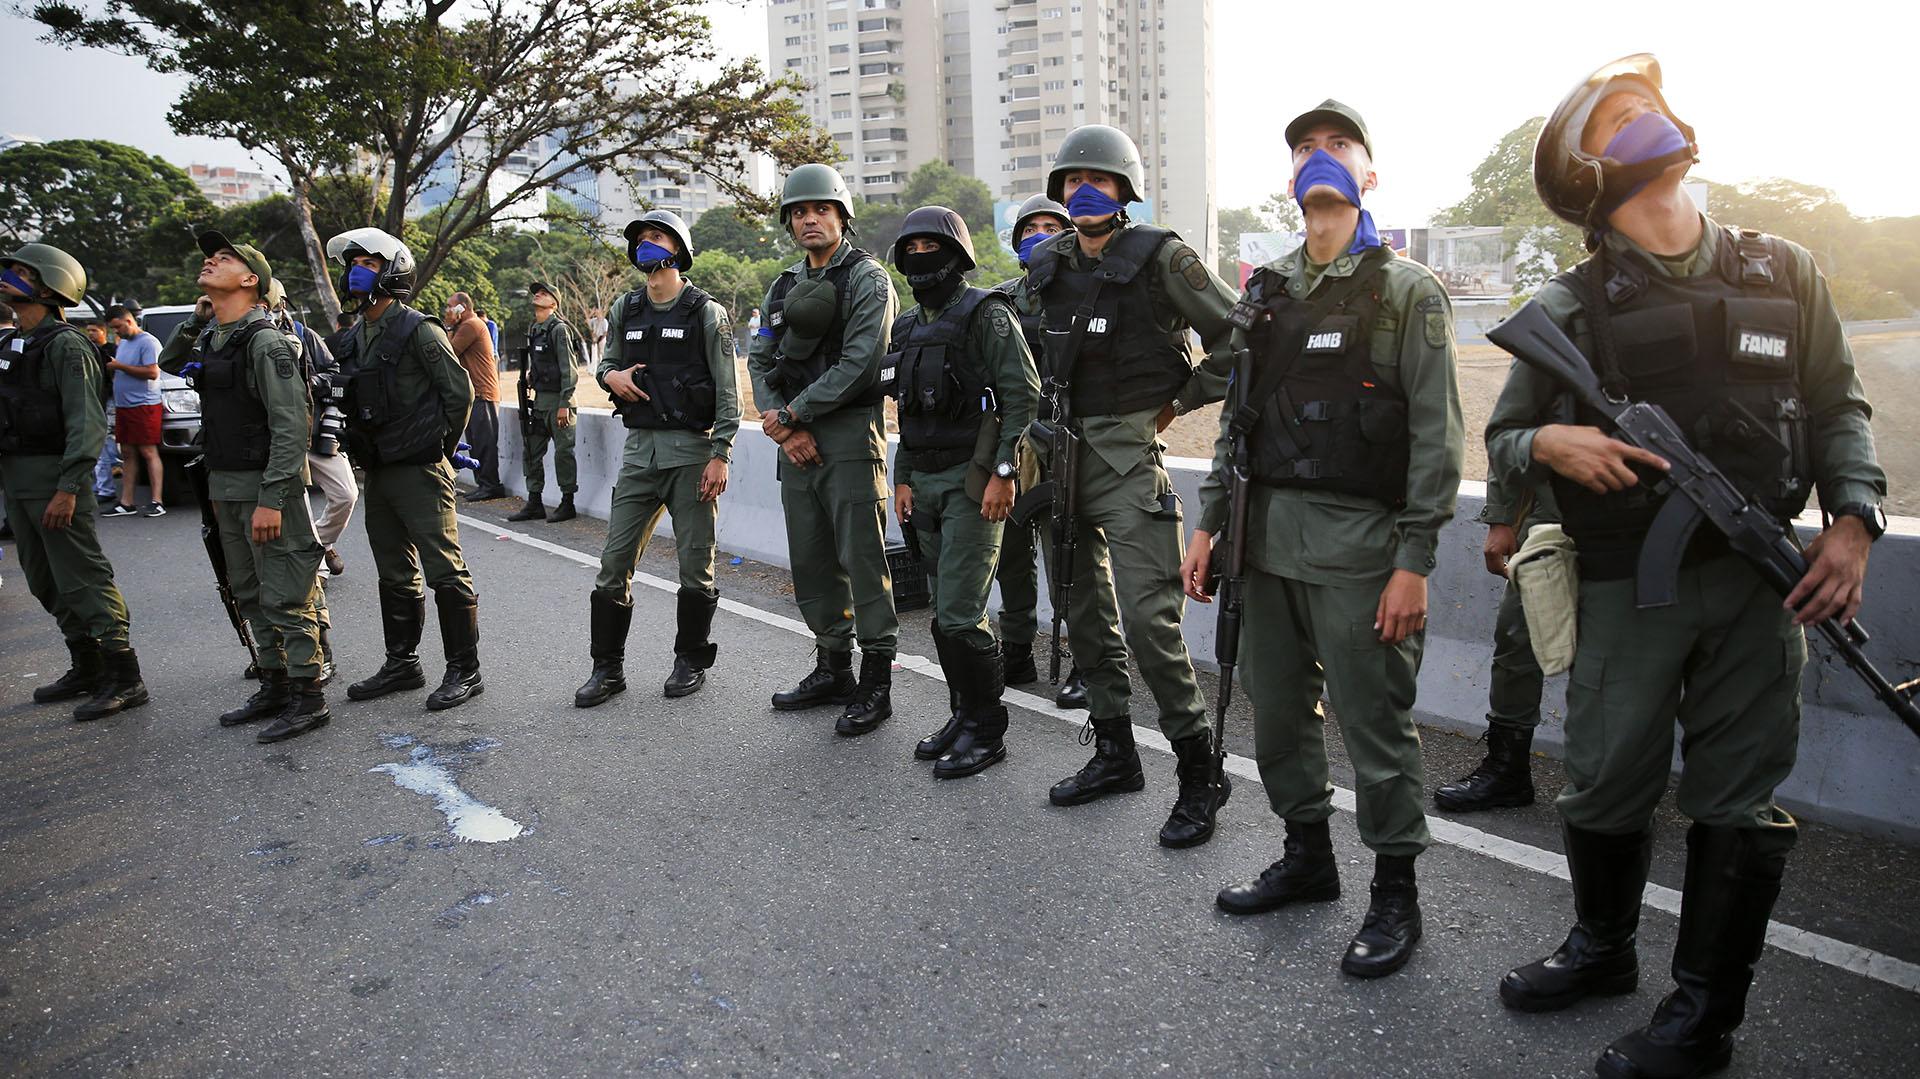 Soldados en las afueras de la base aérea de La Carlota en Caracas, Venezuela, el martes 30 de abril de 2019. (AP Photo/Ariana Cubillos)